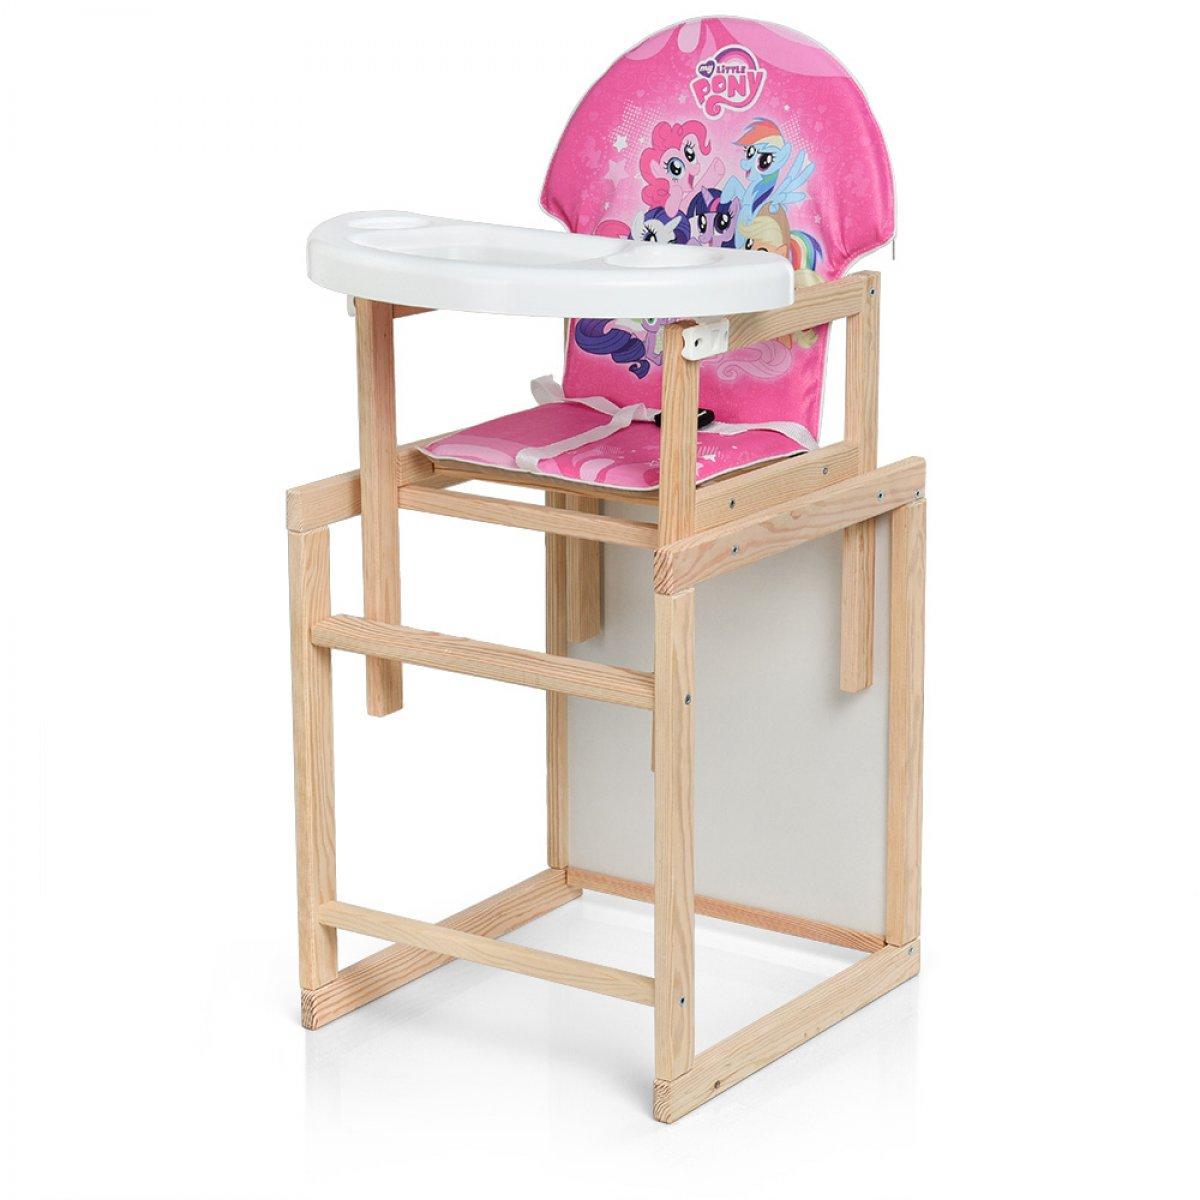 деревянный стульчик для кормления трансформер м K 102 9pu My